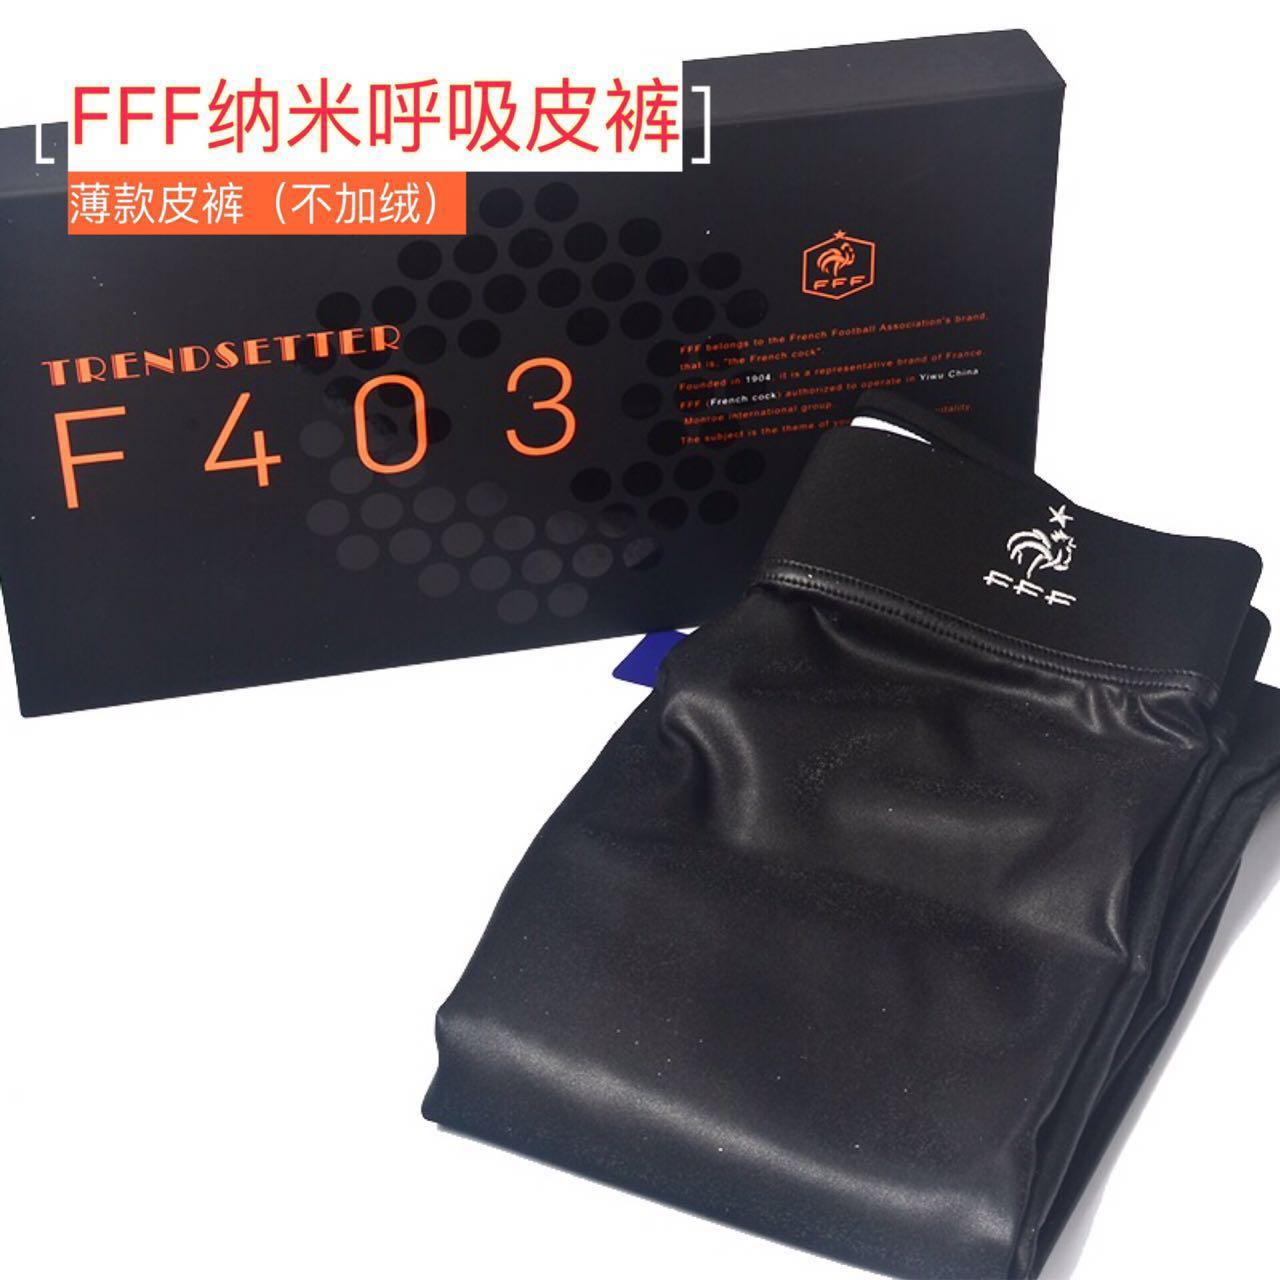 正品3FFF纳米呼吸皮裤女薄款磨毛超柔加绒高腰修身显瘦高弹透气